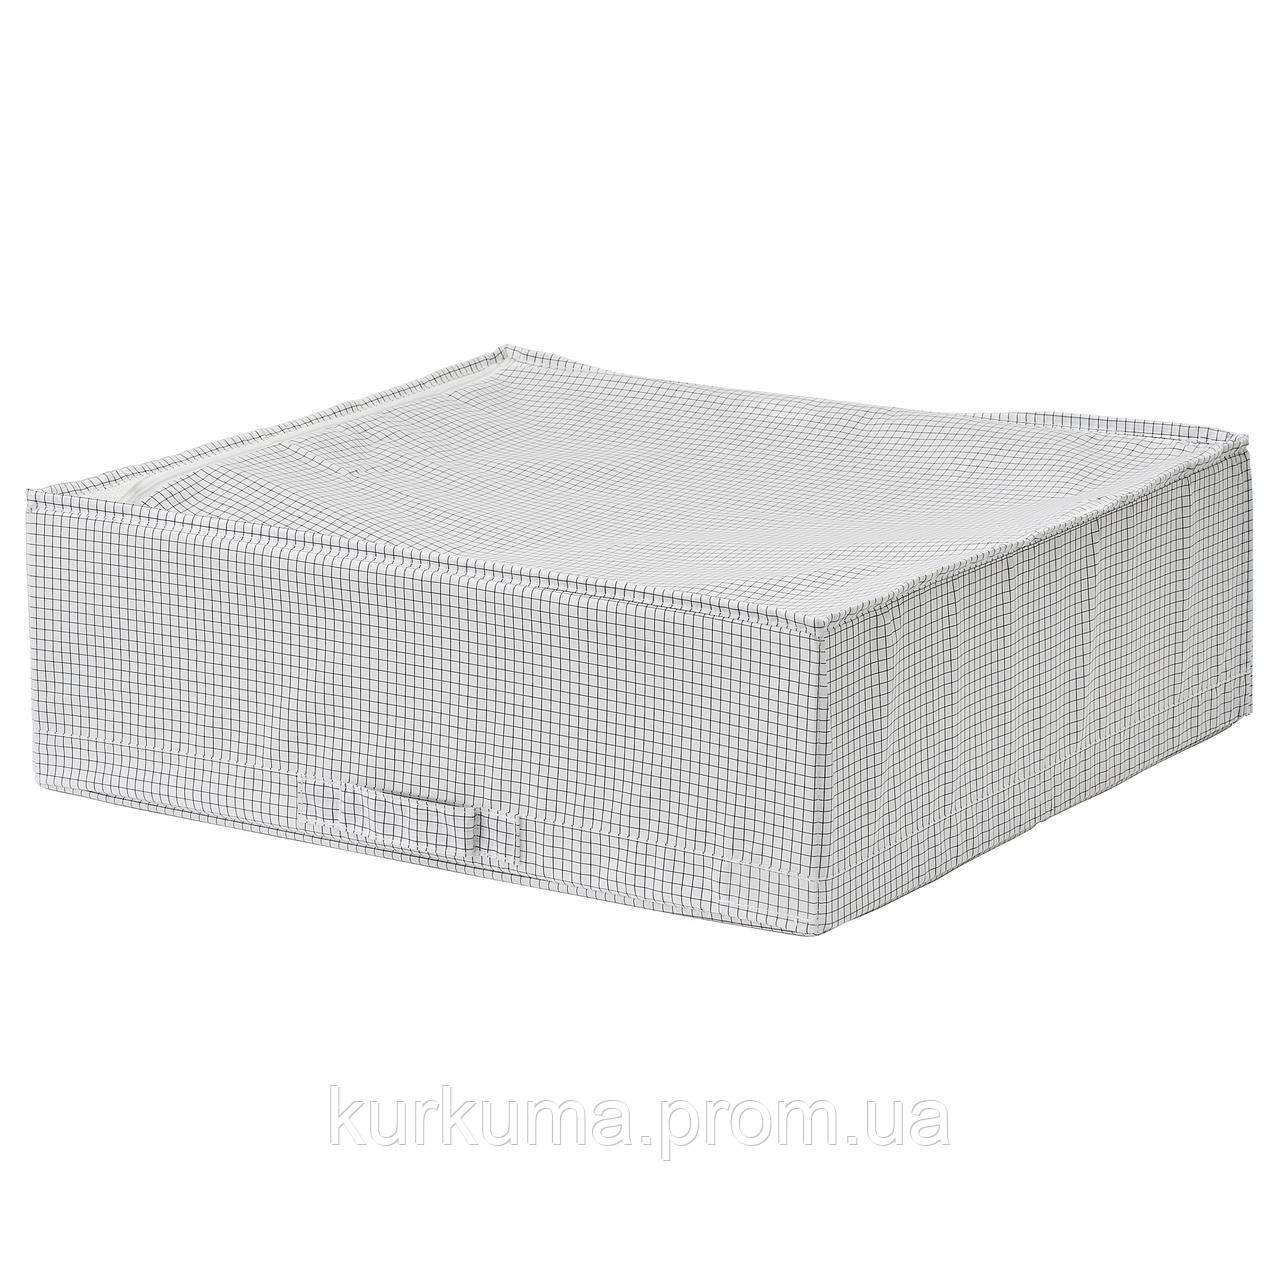 IKEA STUK Контейнер для одежды/постельных принадлежностей, белый/серый, 55x51x18 см (403.095.73)